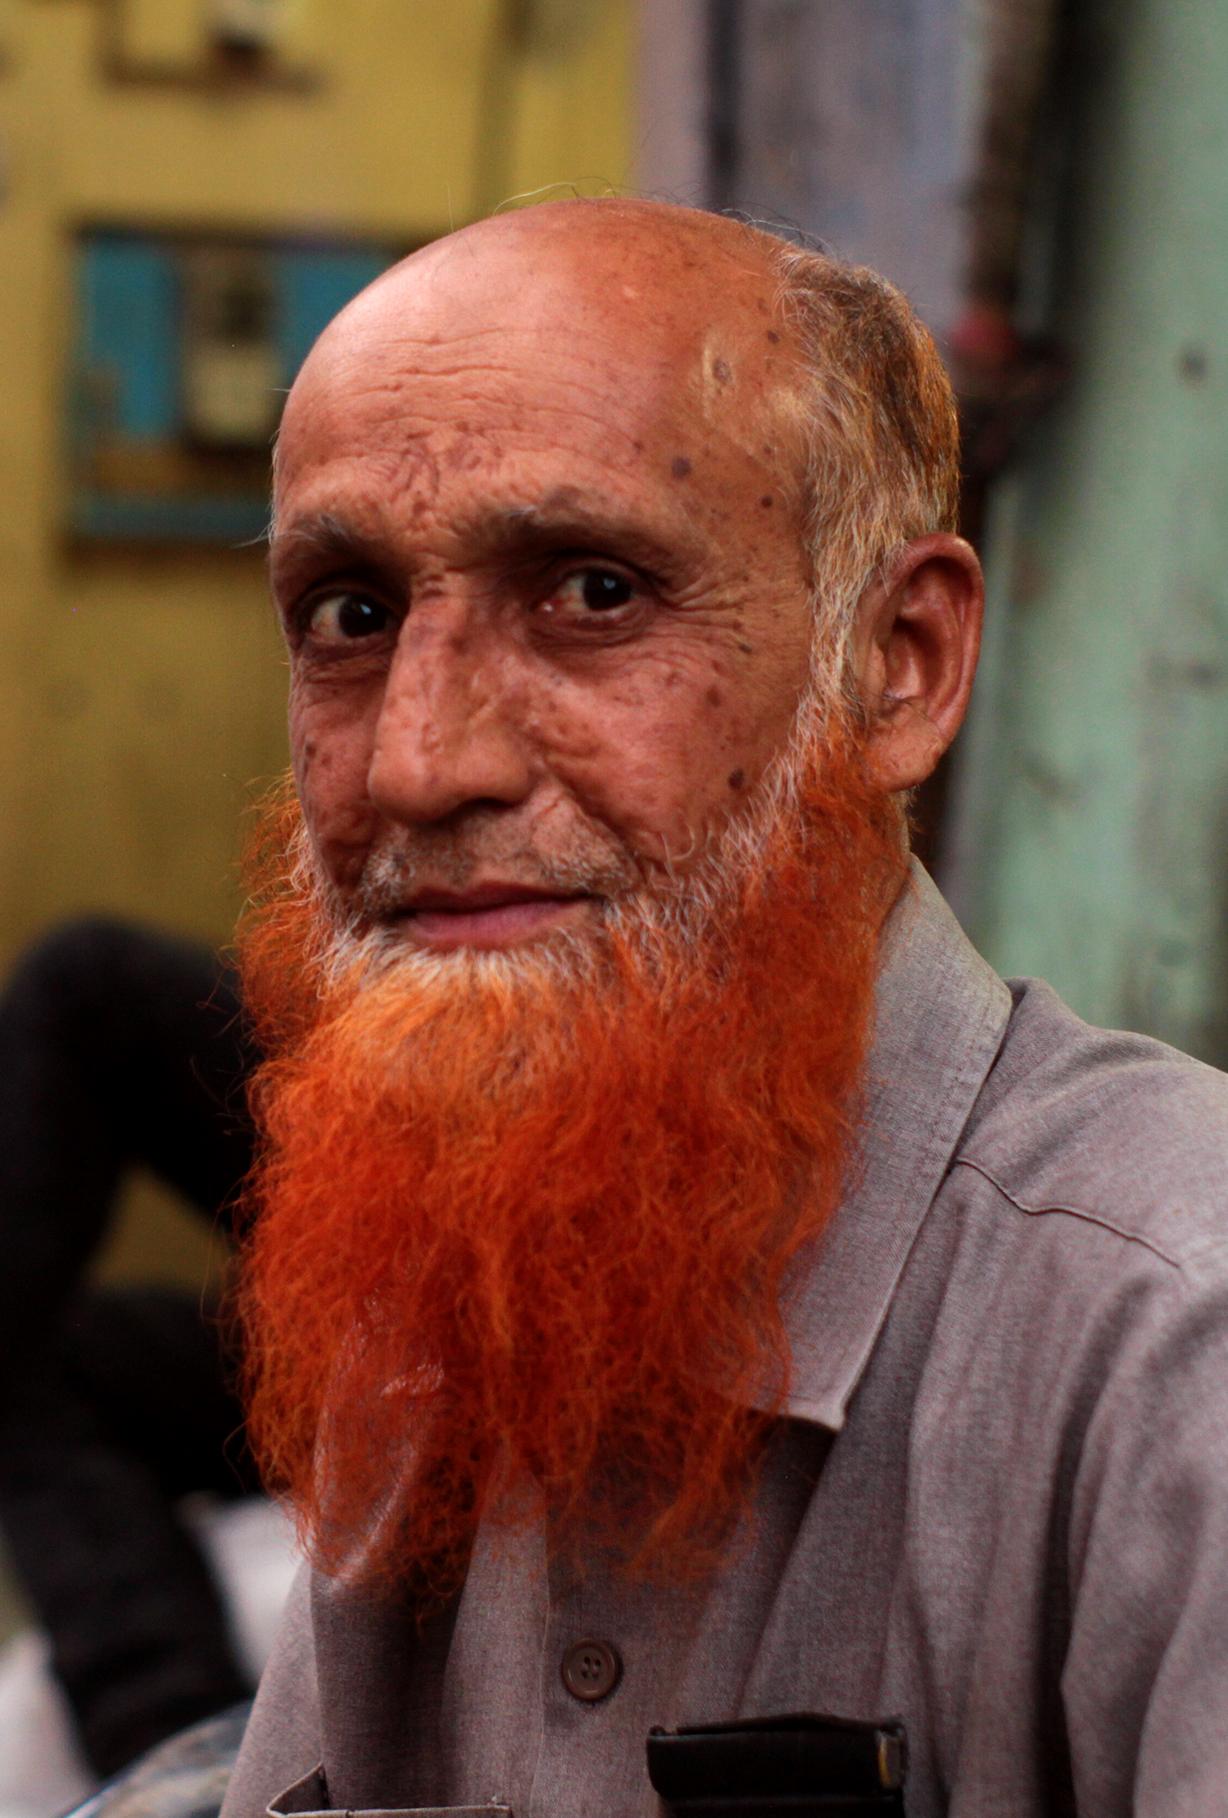 Beard Man.jpg